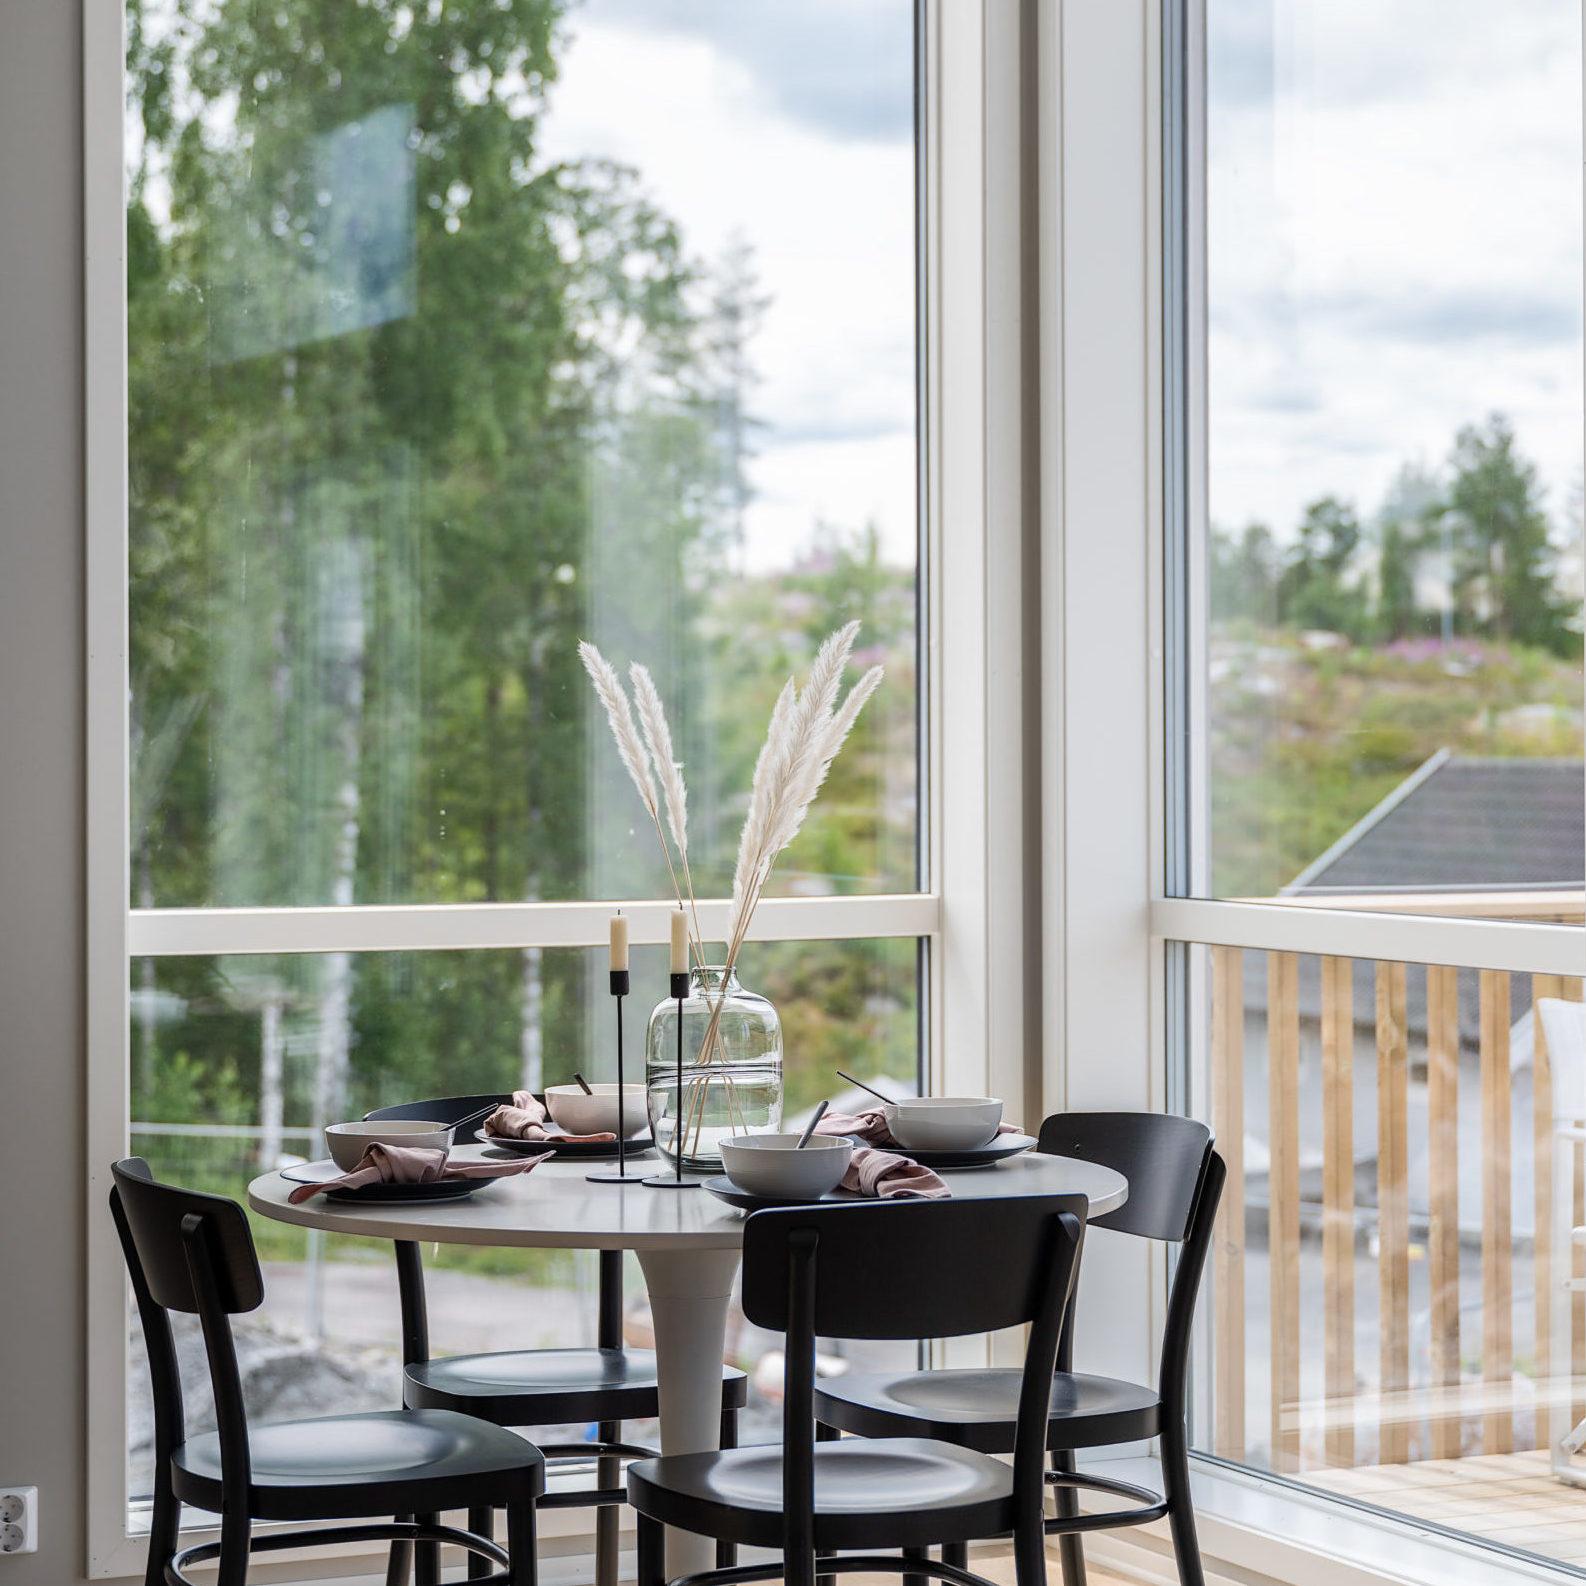 Enebolig Fjellfoten Hage: Stue med luftig takhøyde og god utsikt